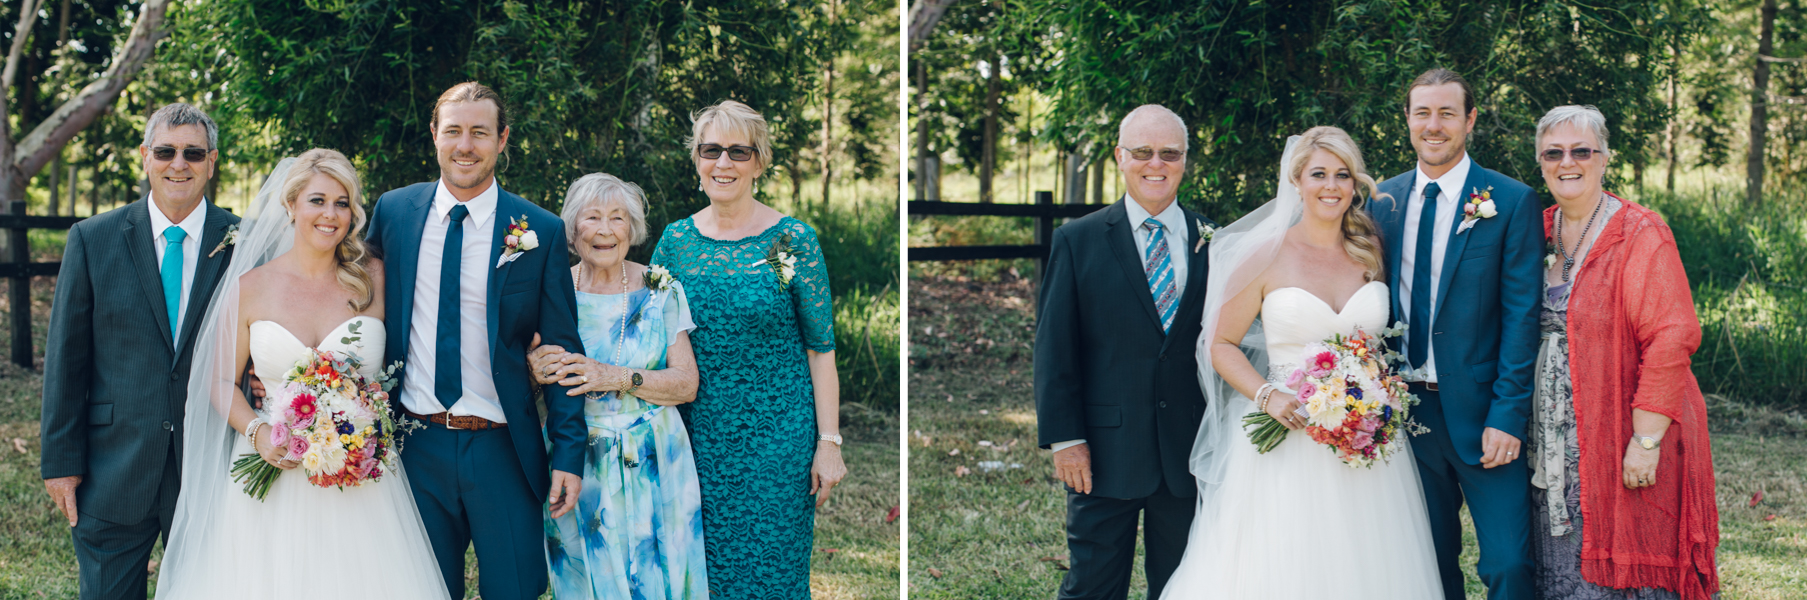 Erin & Craig Byron Bay Wedding Photography 19.jpg